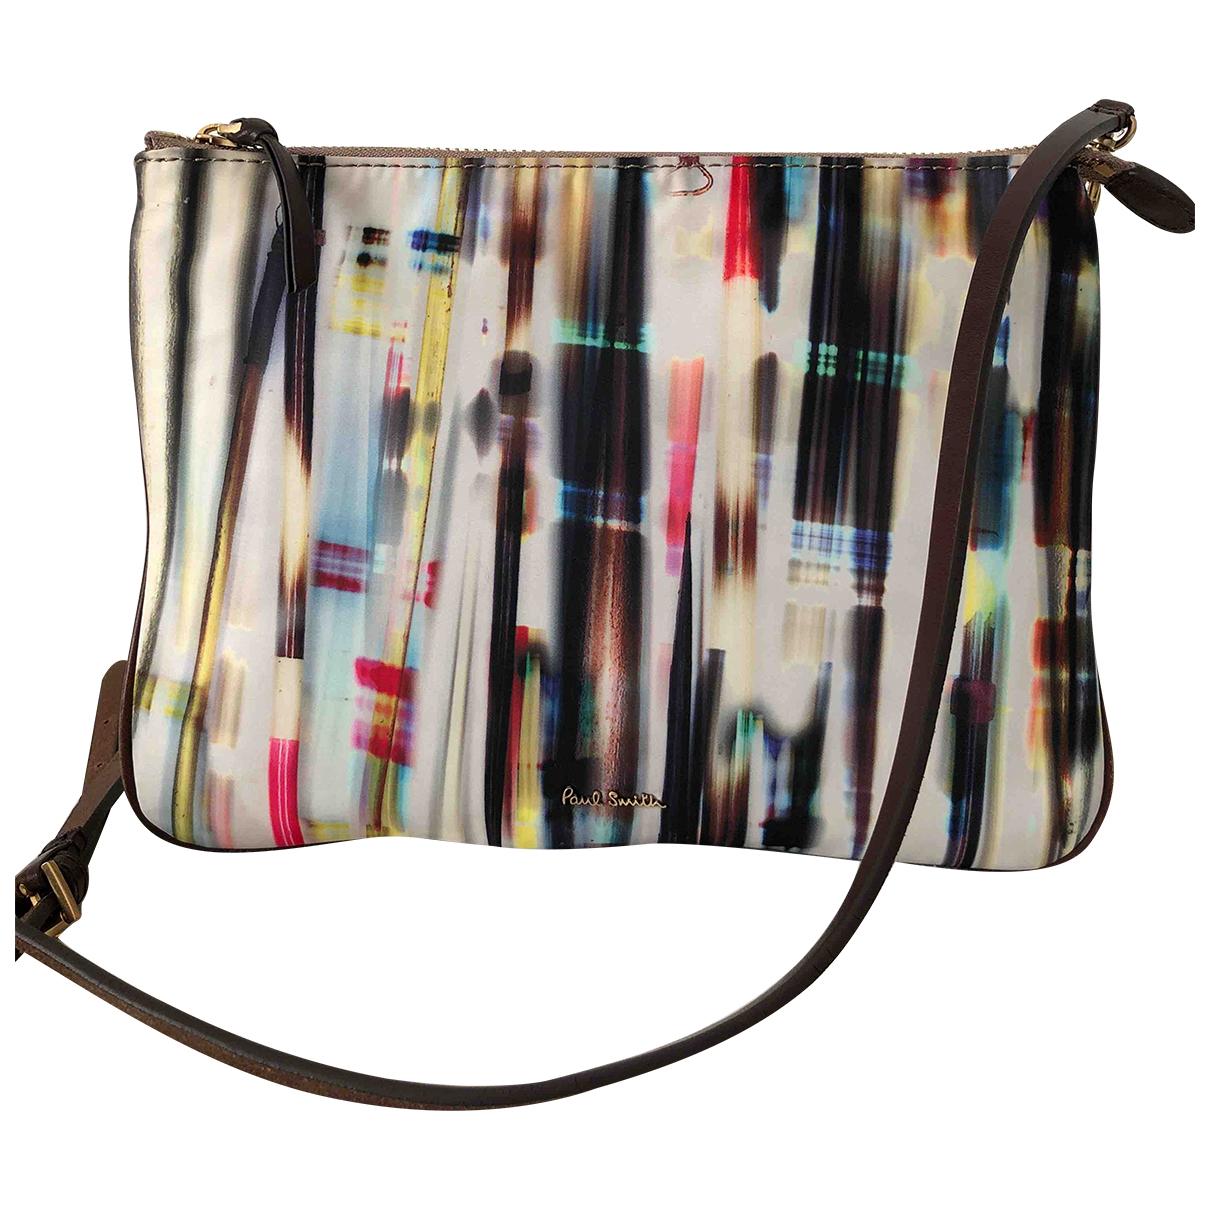 Paul Smith \N Handtasche in  Bunt Synthetik